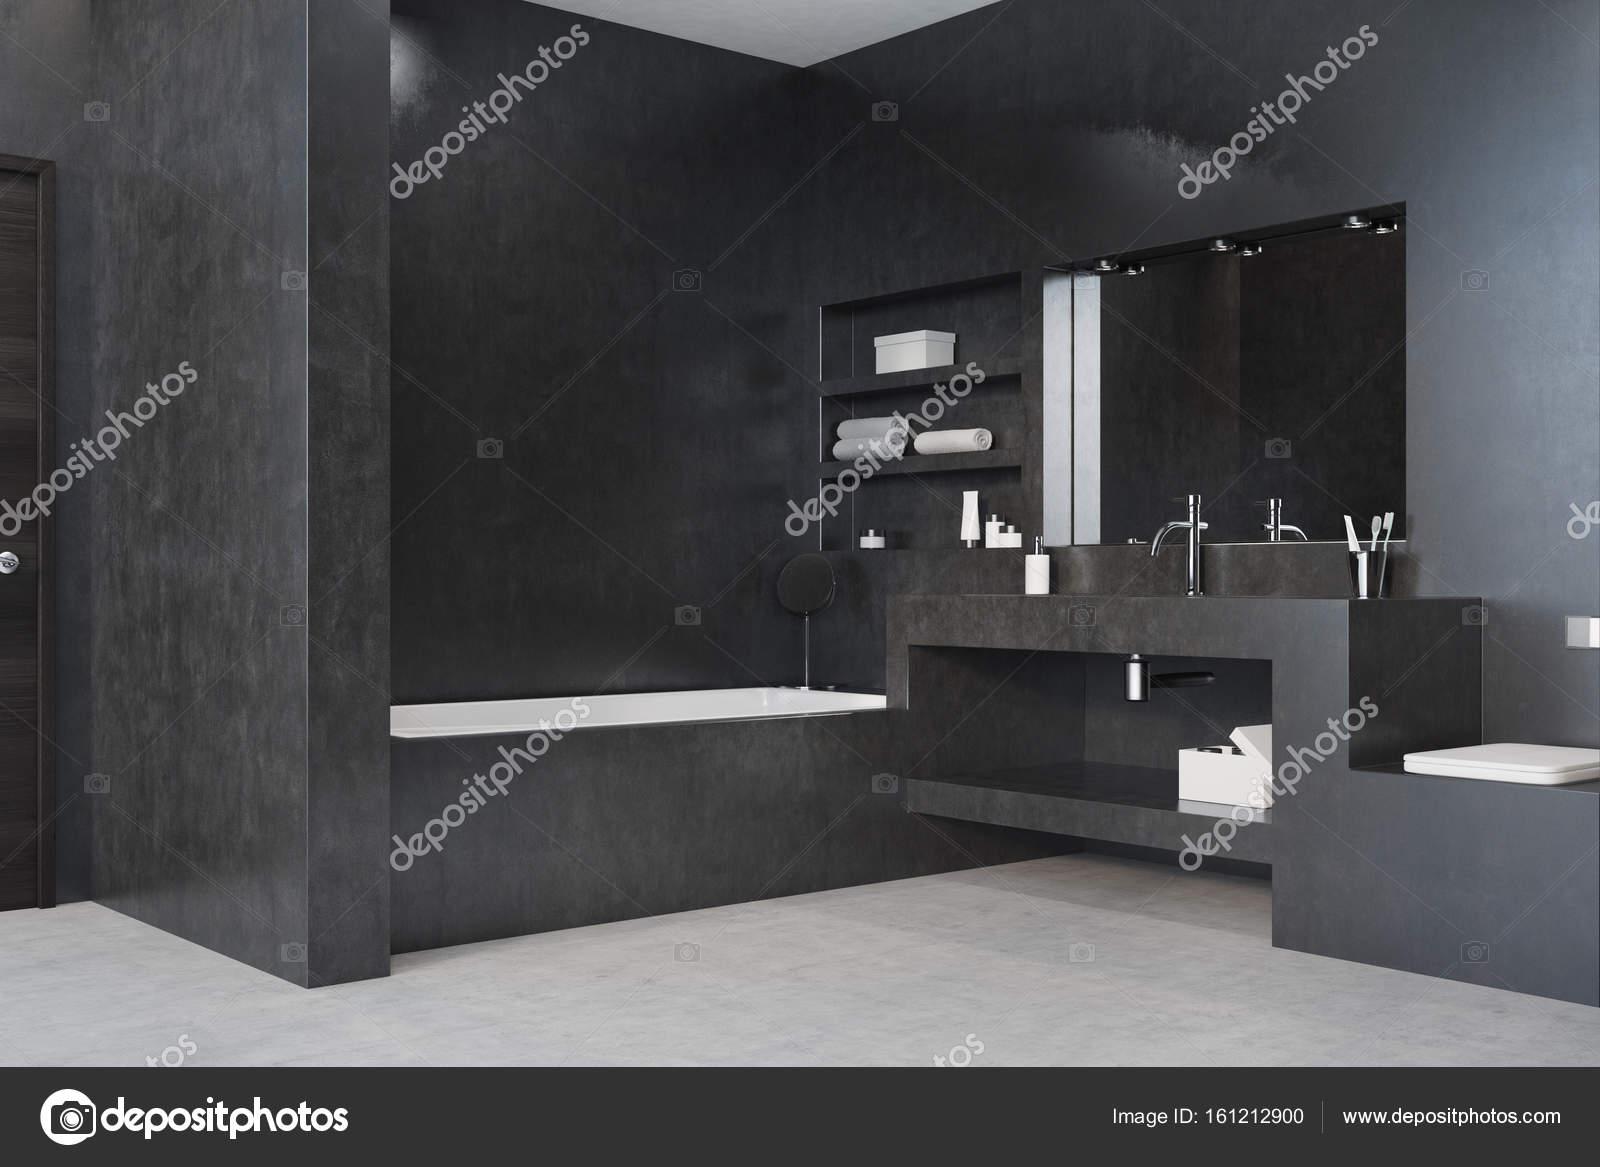 Schwarz Bad Interieur Mit Einer Badewanne, Eine Dusche, Ein Regal Und Einen  Kleiderschrank. Marmorboden, Modernes Design. Konzept Für Ein Gemütliches  ...